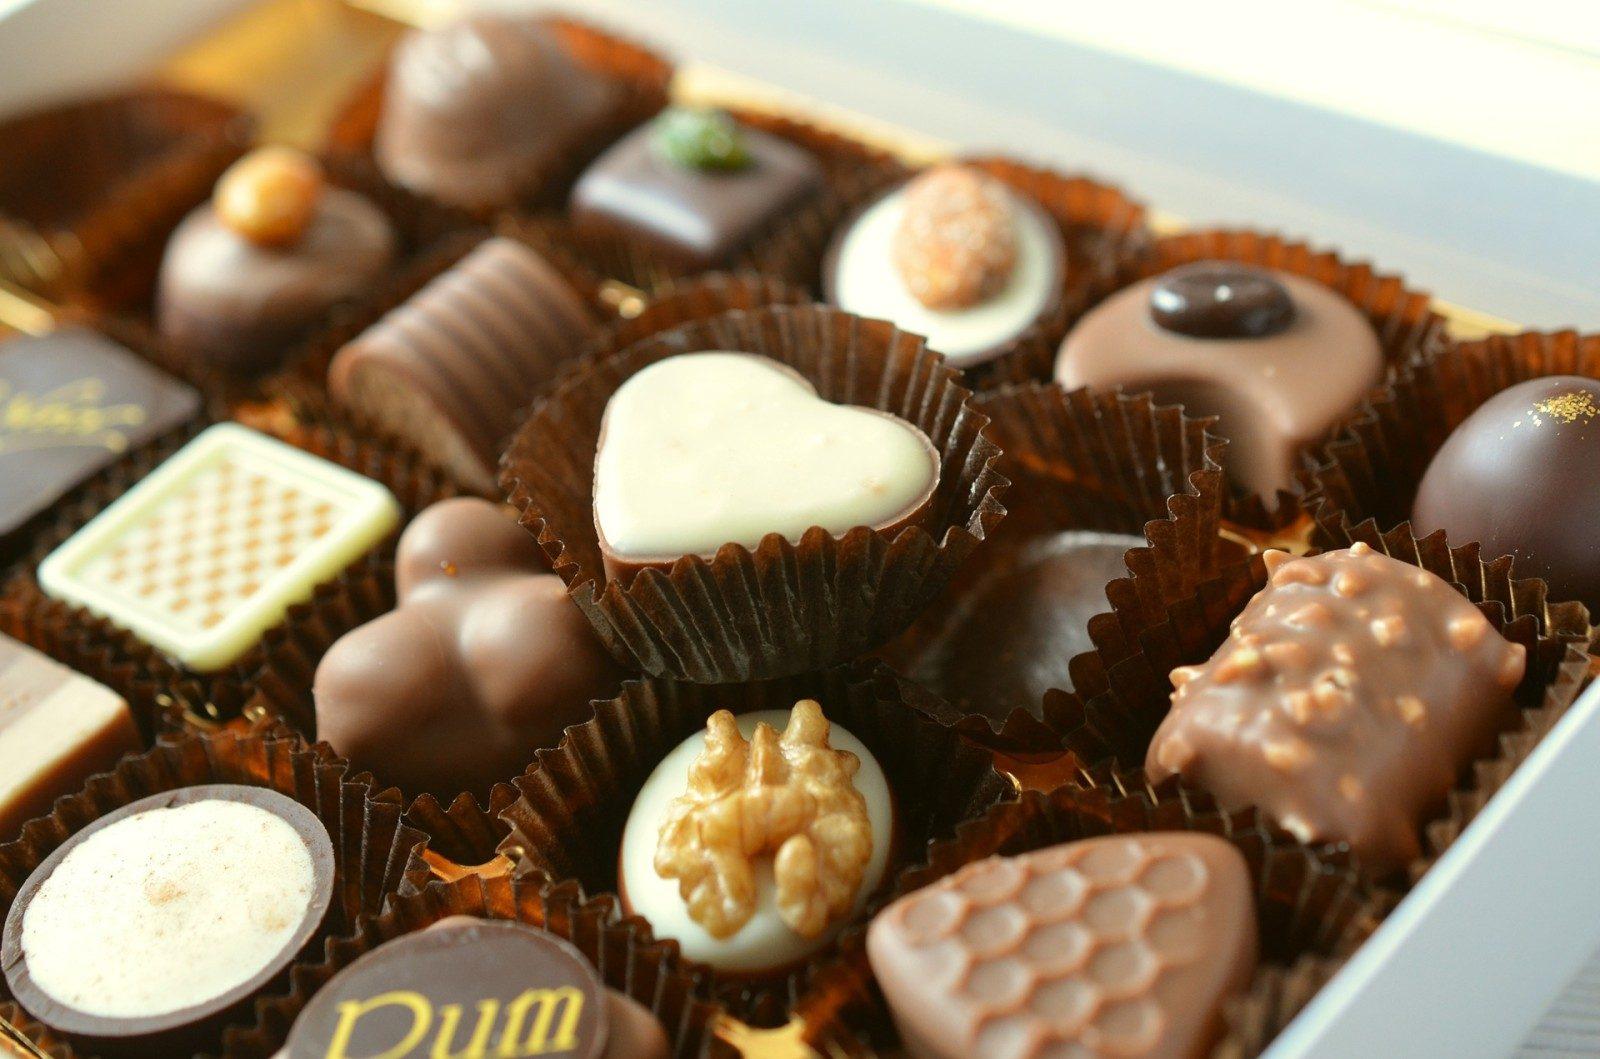 Salon : le chocolat dans tous ses états à Metz Expo